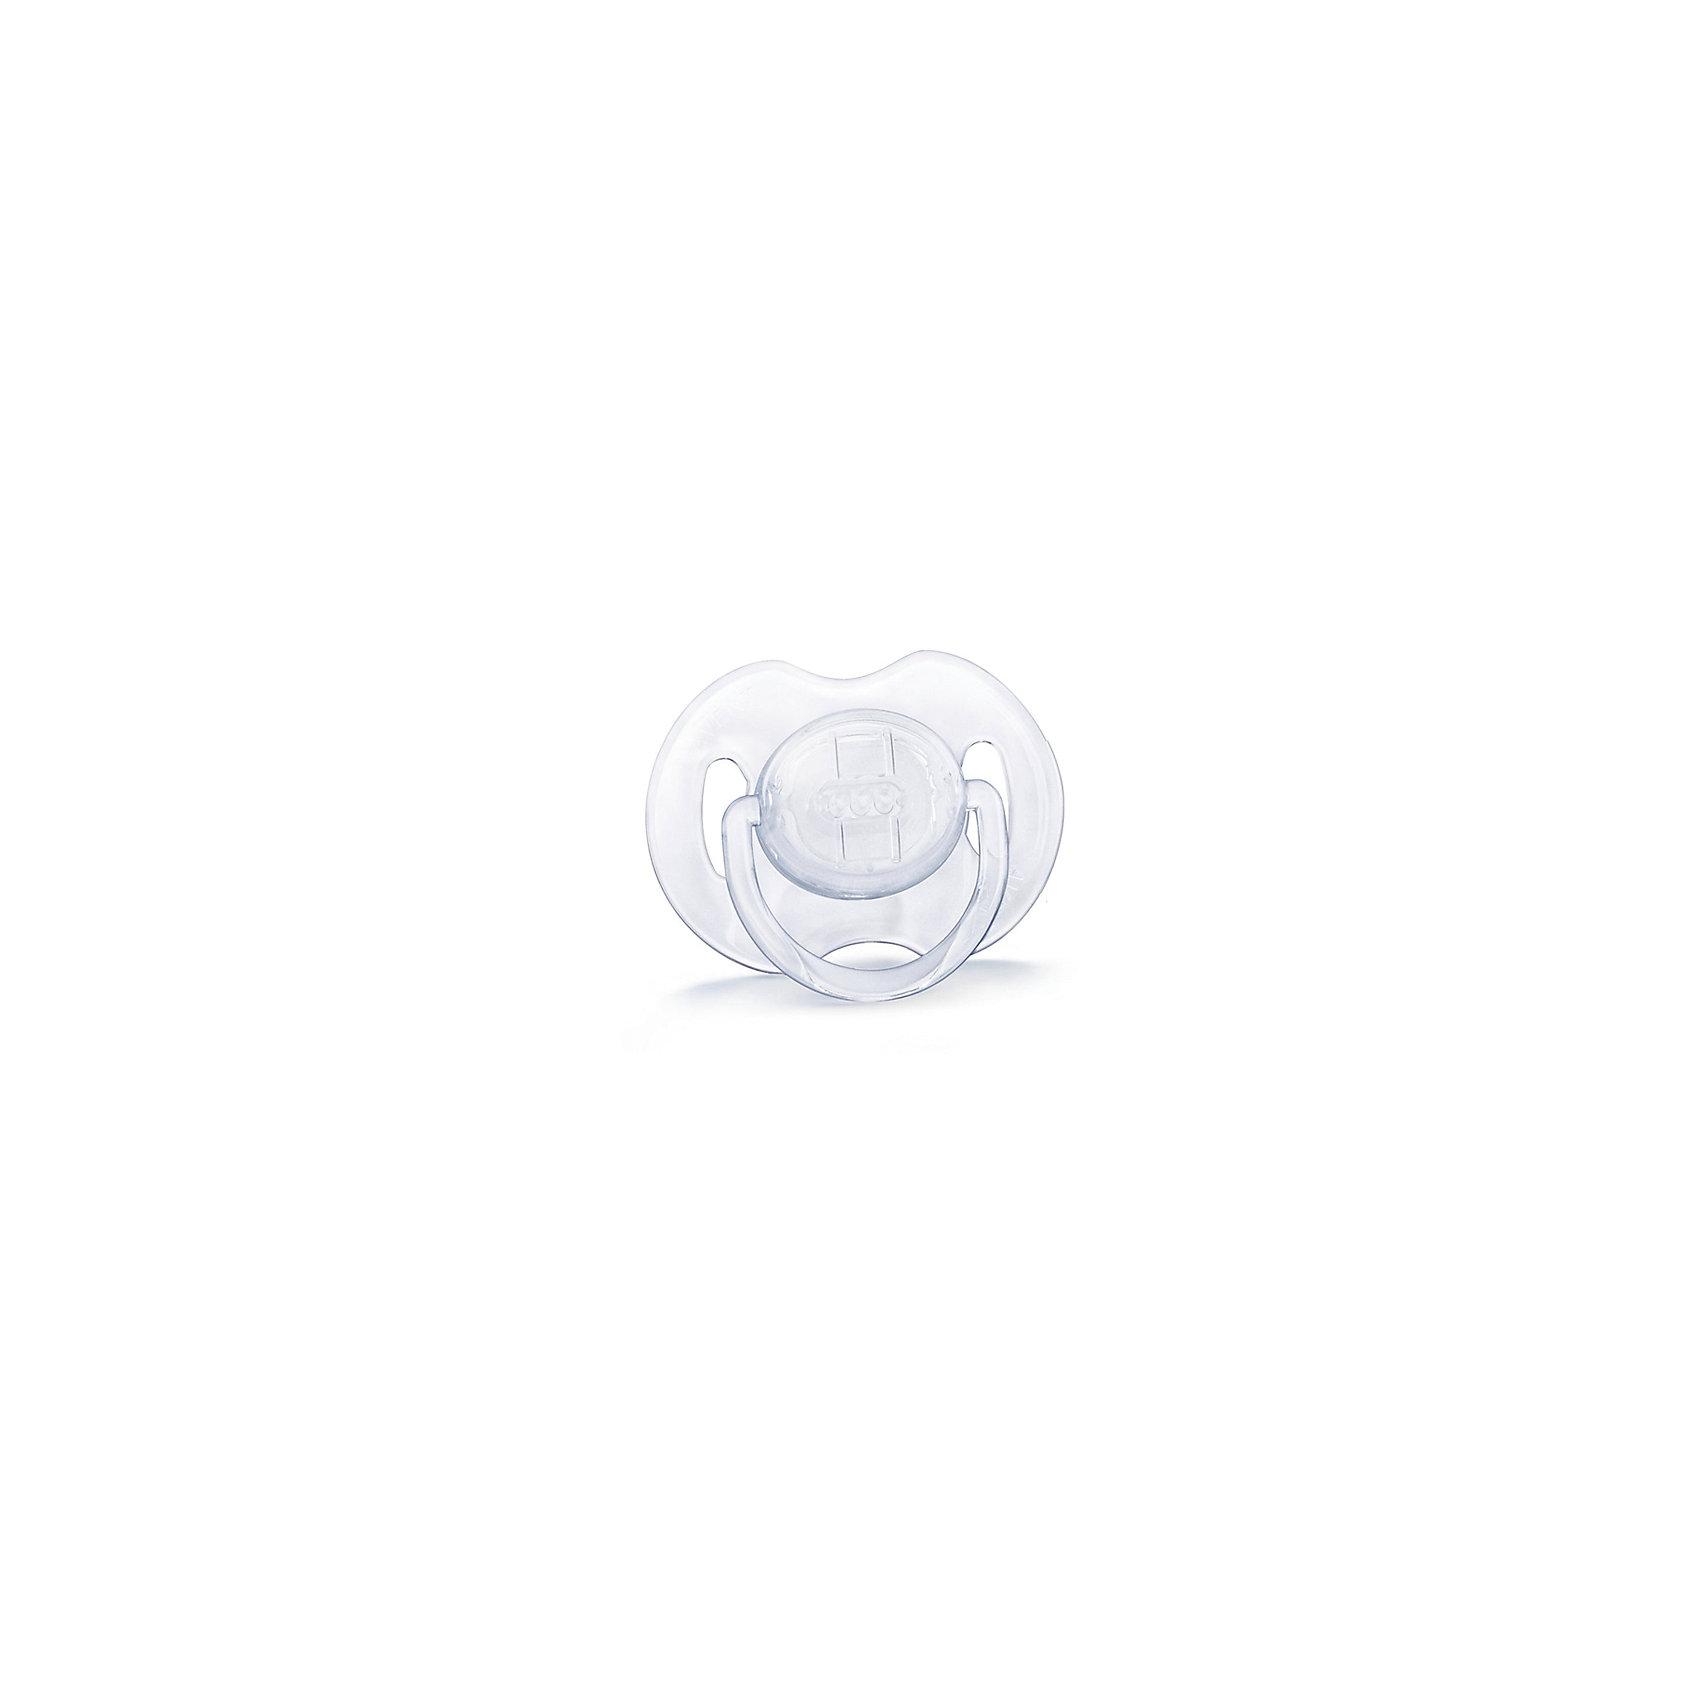 Силиконовая пустышка Классика, 0-6 мес., 2 шт., AVENT, белыйСимметричные мягкие ортодонтические соски пустышек Philips AVENT (Филипс АВЕНТ) SCF170/18 учитывают строение и естественное развитие неба, зубов и десенмалыша. Все пустышки Philips AVENT изготовлены из силикона, не имеют вкуса и запаха.<br><br>- Ортодонтическая, симметричная съемная соска<br><br>Плоские симметричные соски пустышек Philips AVENT каплевидной формы учитывают строение и естественное развитие неба, зубов и десен малыша и гарантируют комфорт, даже если пустышка переворачивается во рту.<br><br>- Удобные силиконовые соски<br><br>Силиконовые соски пустышек Philips AVENT не обладают вкусом и запахом, что делает их наиболее приемлемыми для малыша. Силикон — это мягкий и прозрачный материал, который не липнет и легко моется. Такая соска прочна и прослужит долго, не потеряв со временем форму и цвет.<br><br>- Предохранительное кольцо-держатель позволяет с легкостью вынуть пустышку Philips AVENT в любой момент.<br><br>- Защелкивающийся защитный колпачок для сохранения чистоты стерилизованных сосок.<br><br>В комплект входят:<br>• Силиконовая соска: 2 шт.<br>• Защелкивающийся защитный колпачок: 2 шт.<br><br>Ортодонтическая форма для максимального комфорта!<br><br>Дополнительная информация:<br><br>- Возраст: 0—6 месяцев<br>- Можно стерилизовать<br>- Можно мыть в посудомоечной машине<br>- Не содержит бисфенол-А<br><br>Силиконовую пустышку Классика, 0-6 мес., 2 шт., AVENT можно купить в нашем интернет-магазине.<br><br>Ширина мм: 50<br>Глубина мм: 100<br>Высота мм: 100<br>Вес г: 63<br>Возраст от месяцев: 0<br>Возраст до месяцев: 6<br>Пол: Унисекс<br>Возраст: Детский<br>SKU: 3345779